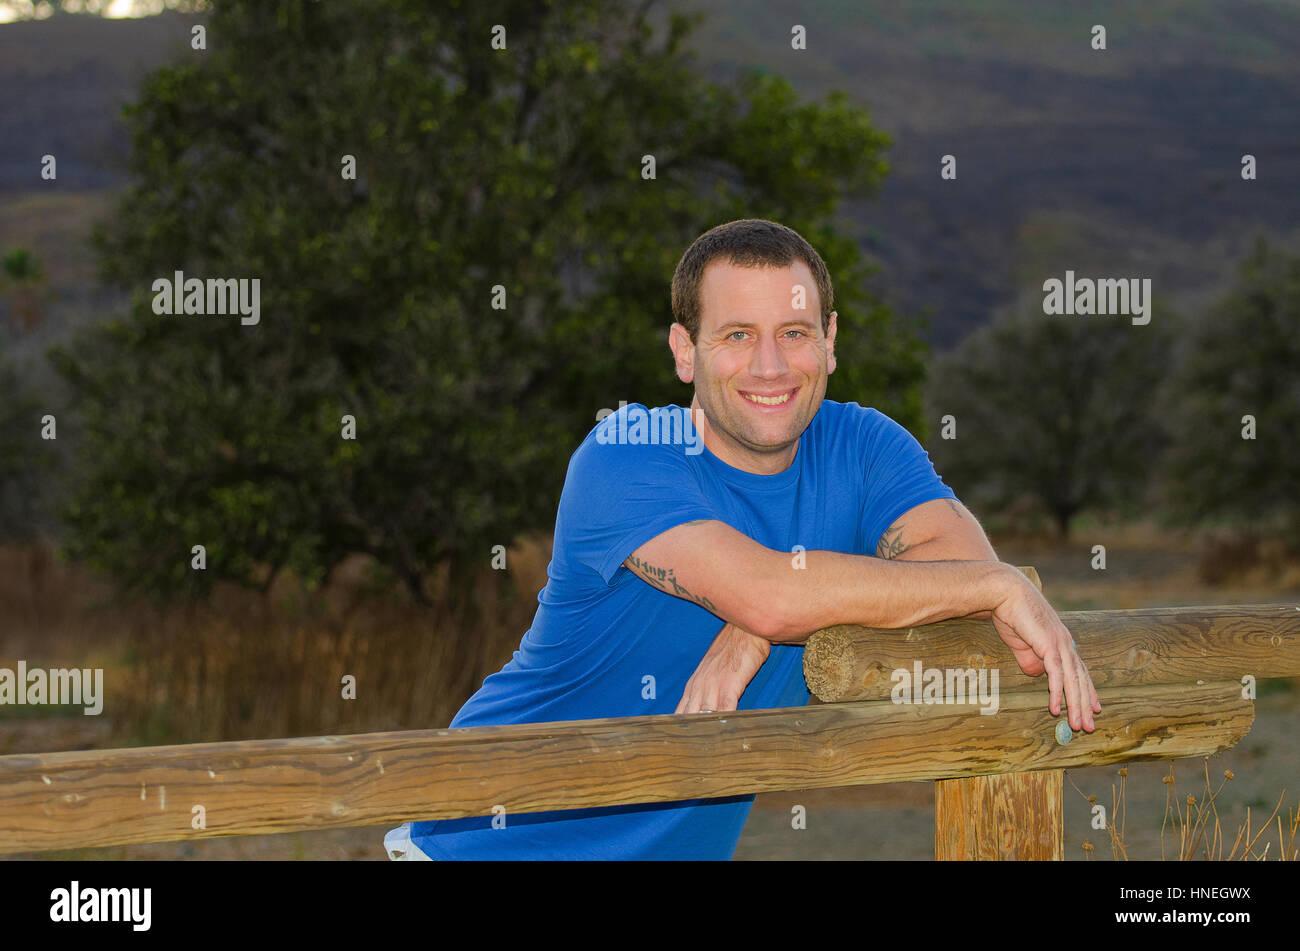 Lächelnder Mann stützte sich auf einen hölzernen Zaun im Freien genießen Stockbild